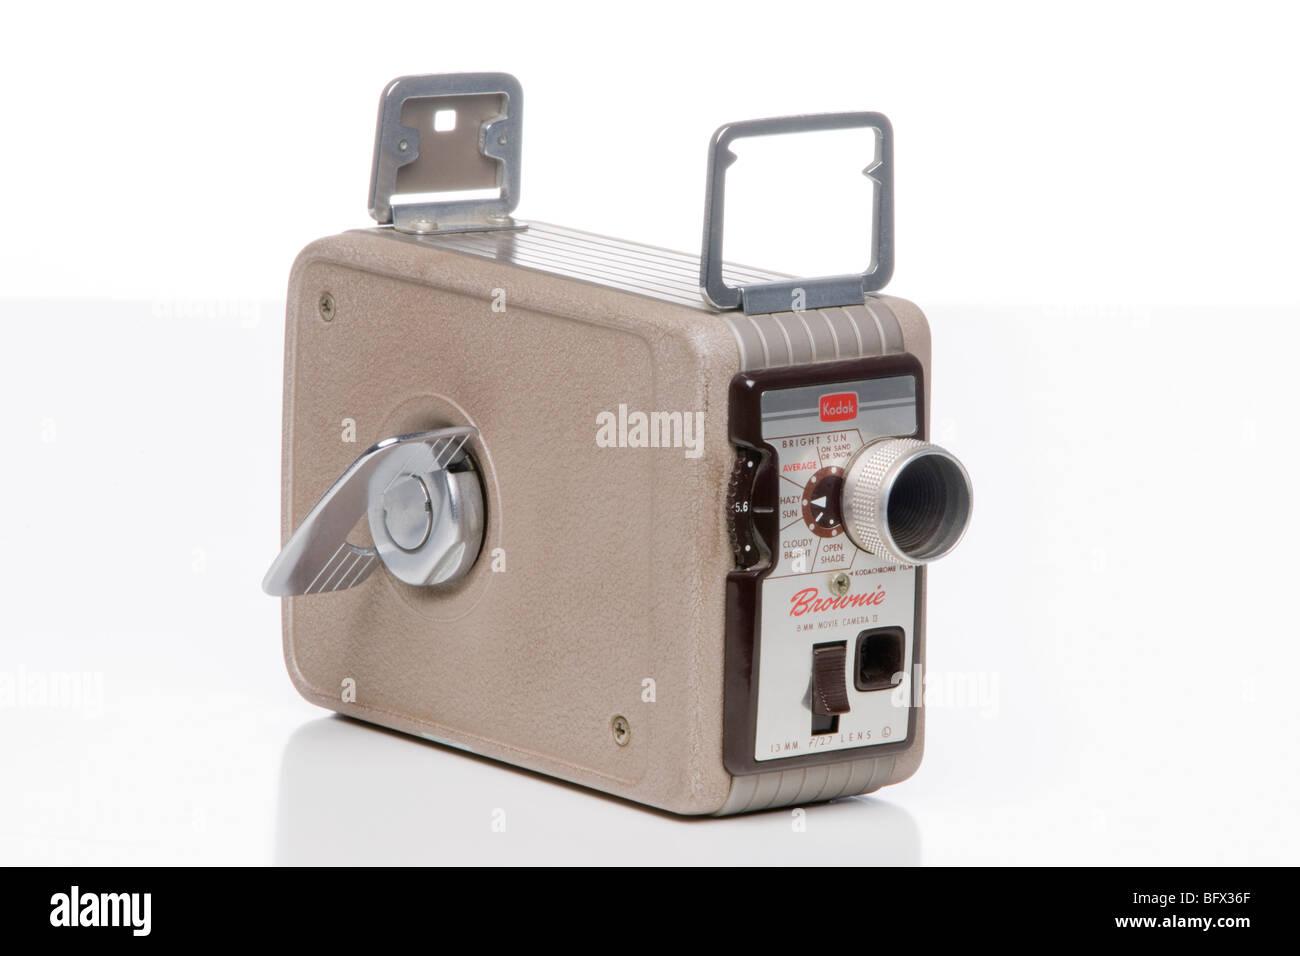 kodak brownie 8mm movie camera - Stock Image